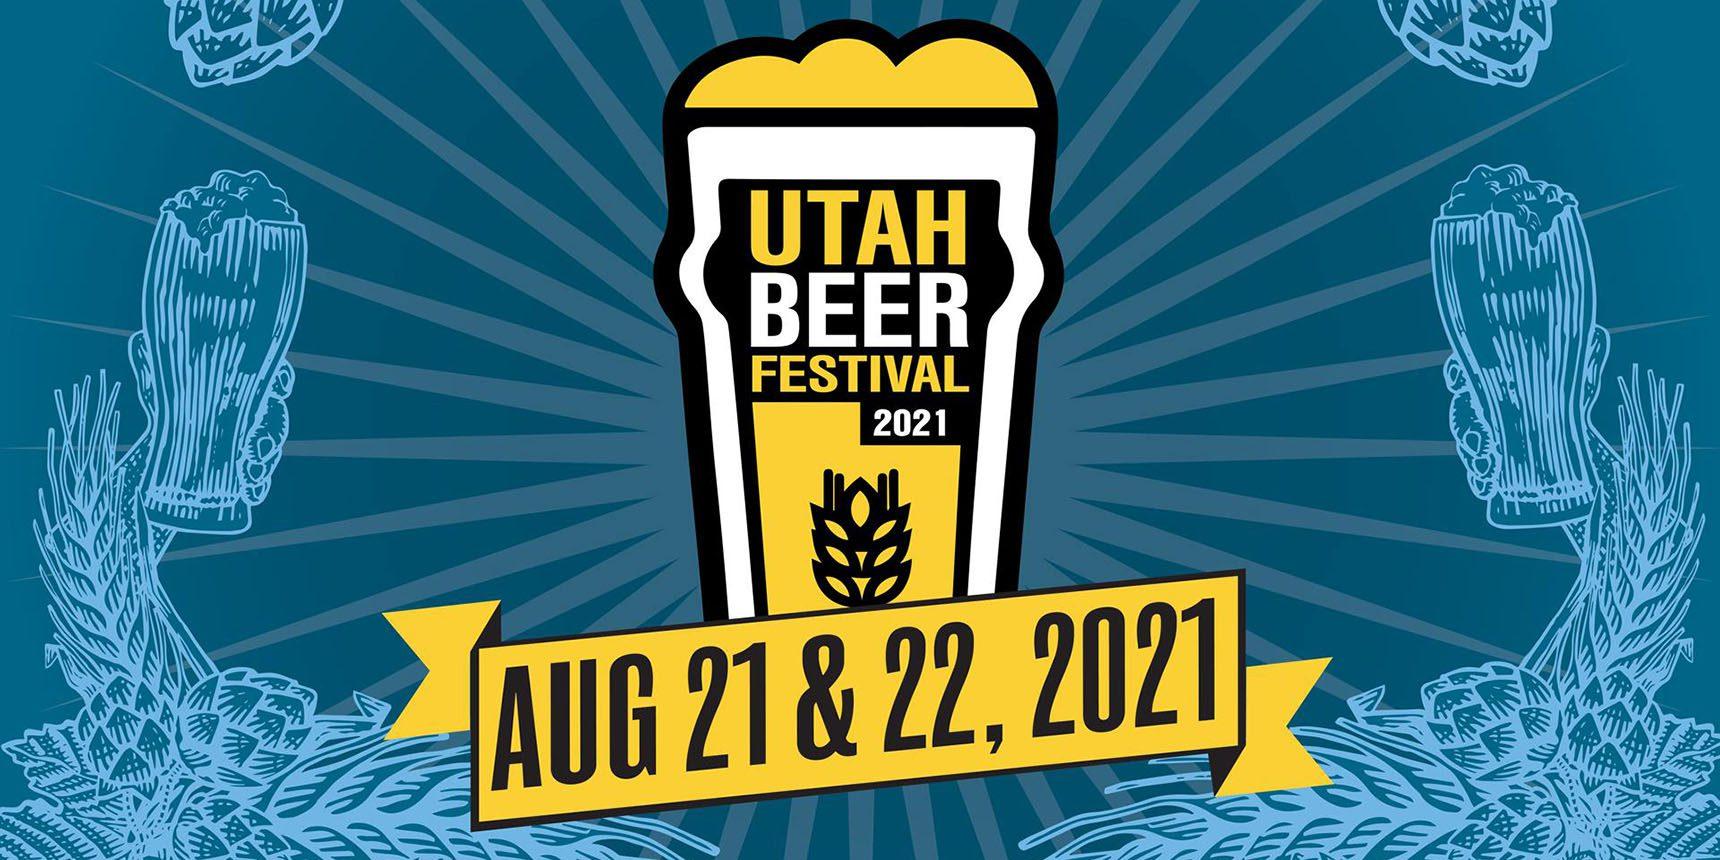 Utah Beer Festival 2021